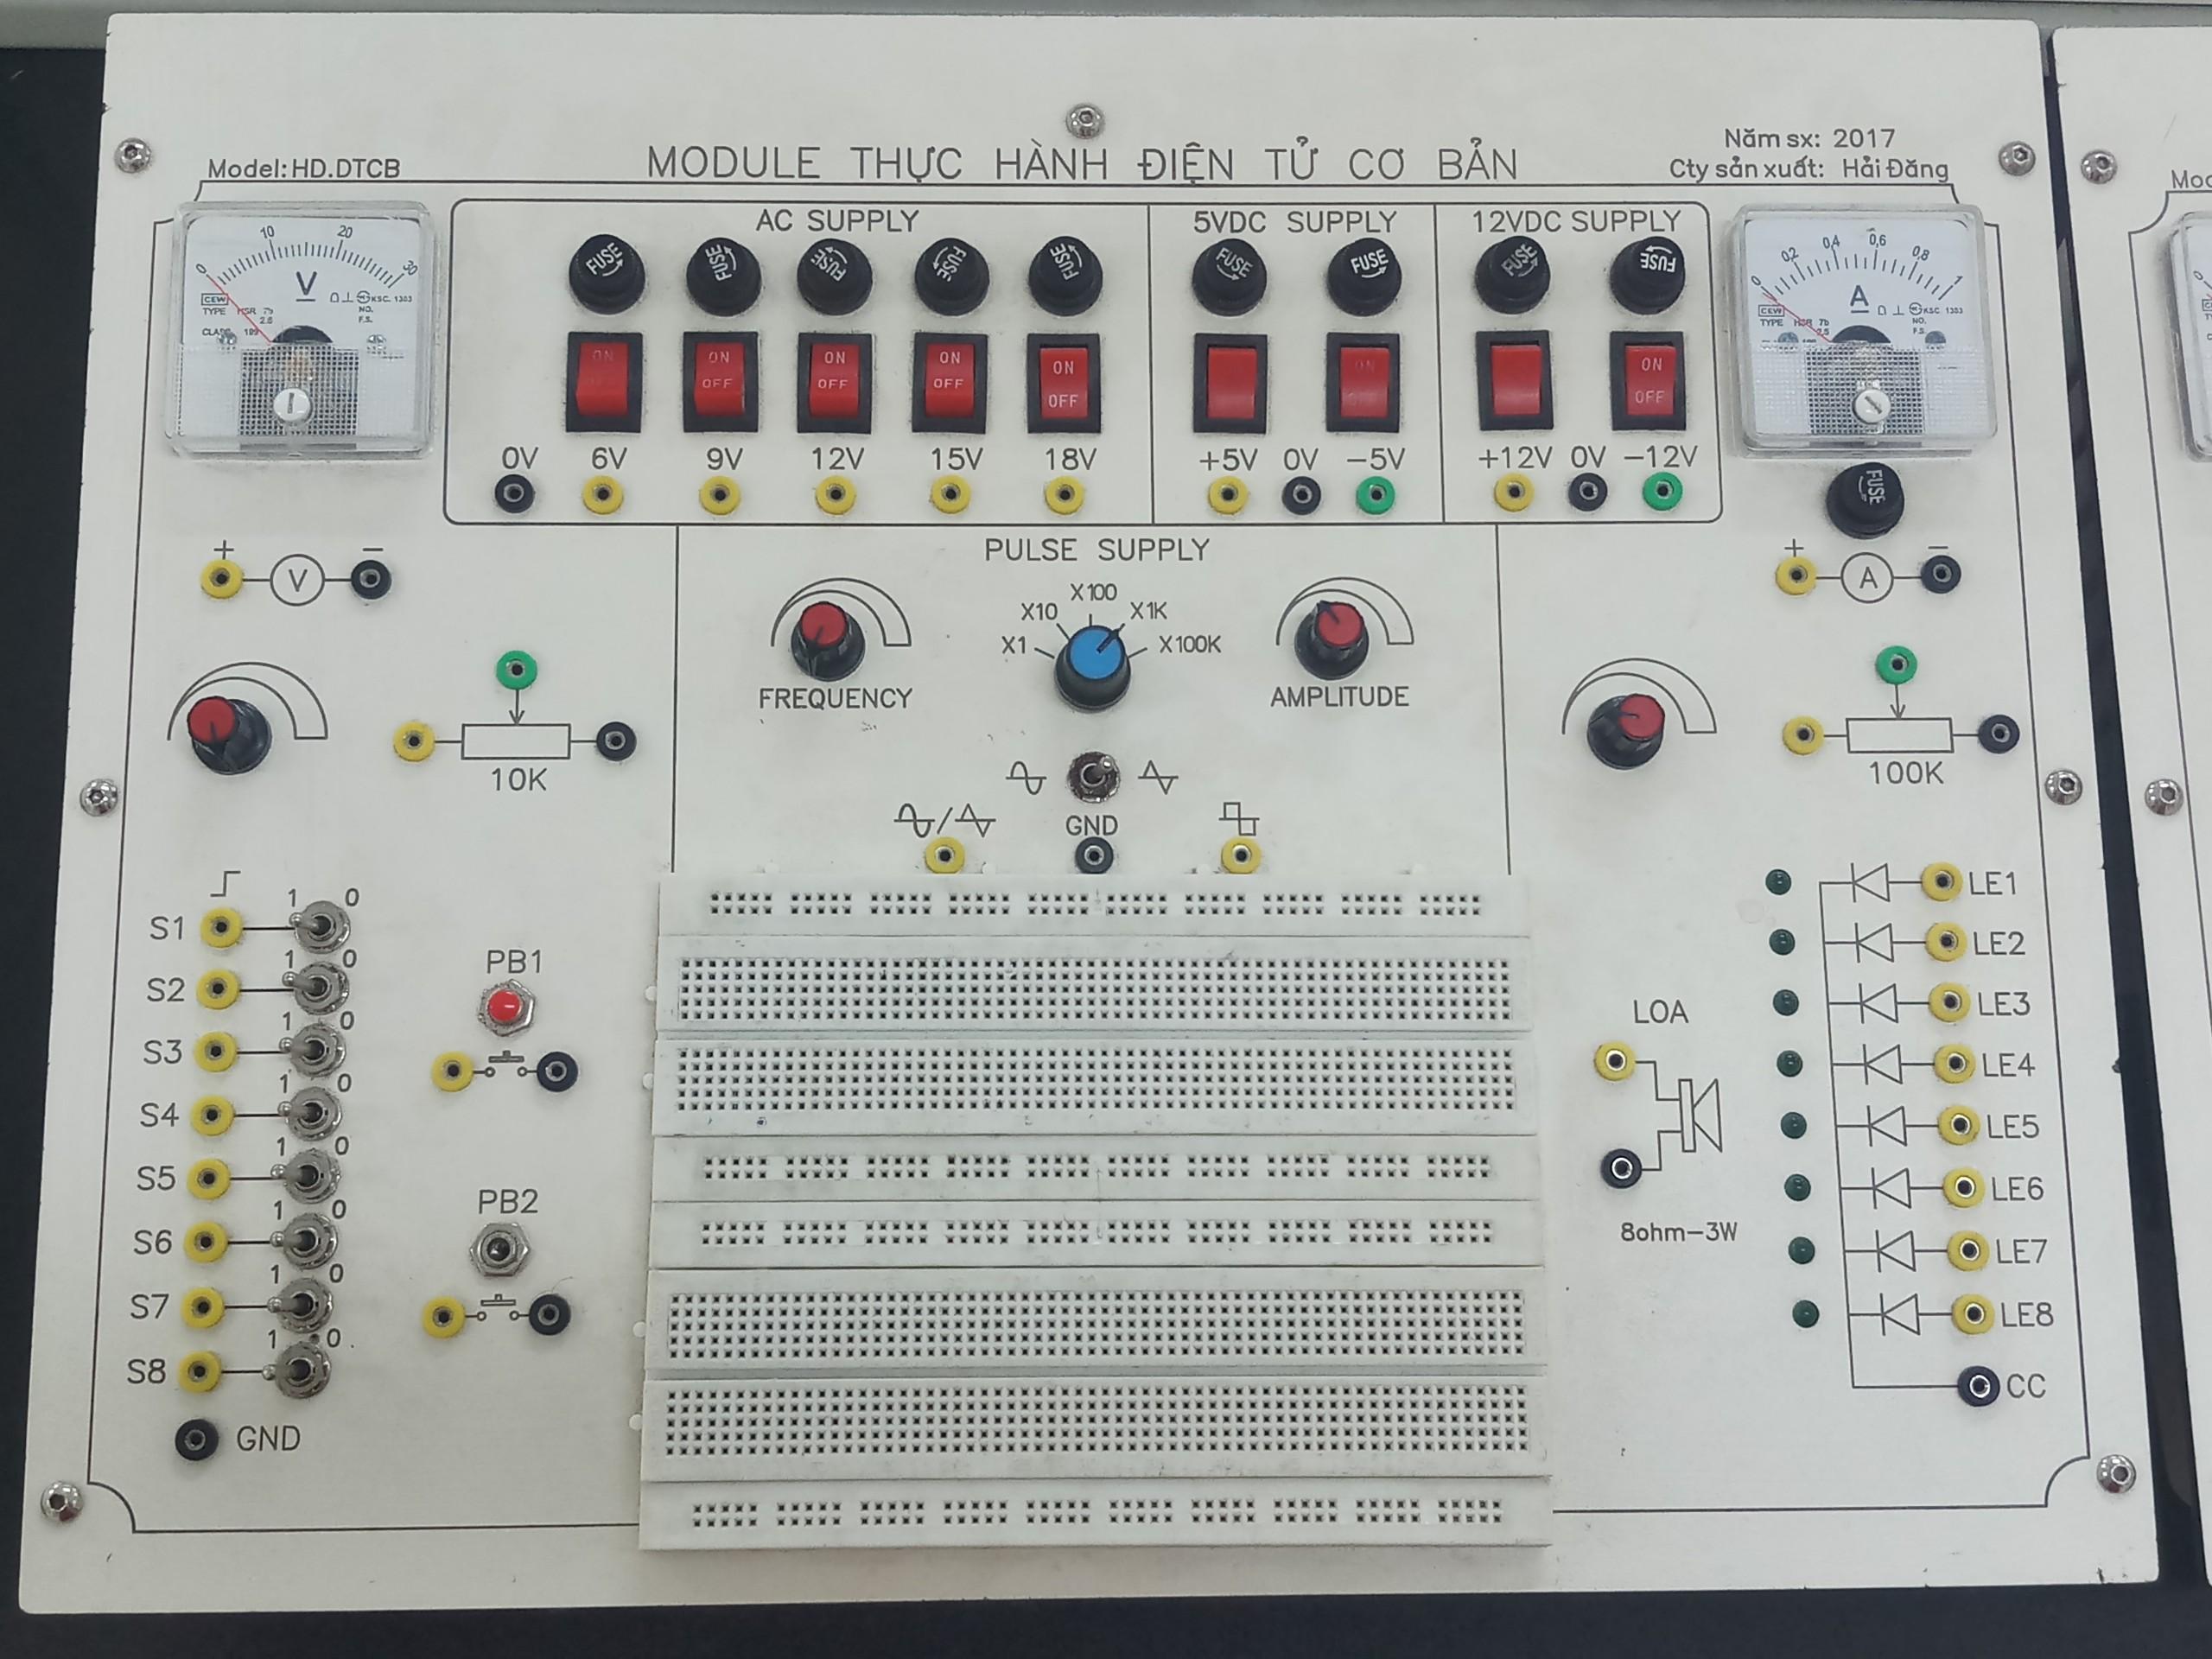 Module Thực hành Điện tử cơ bản